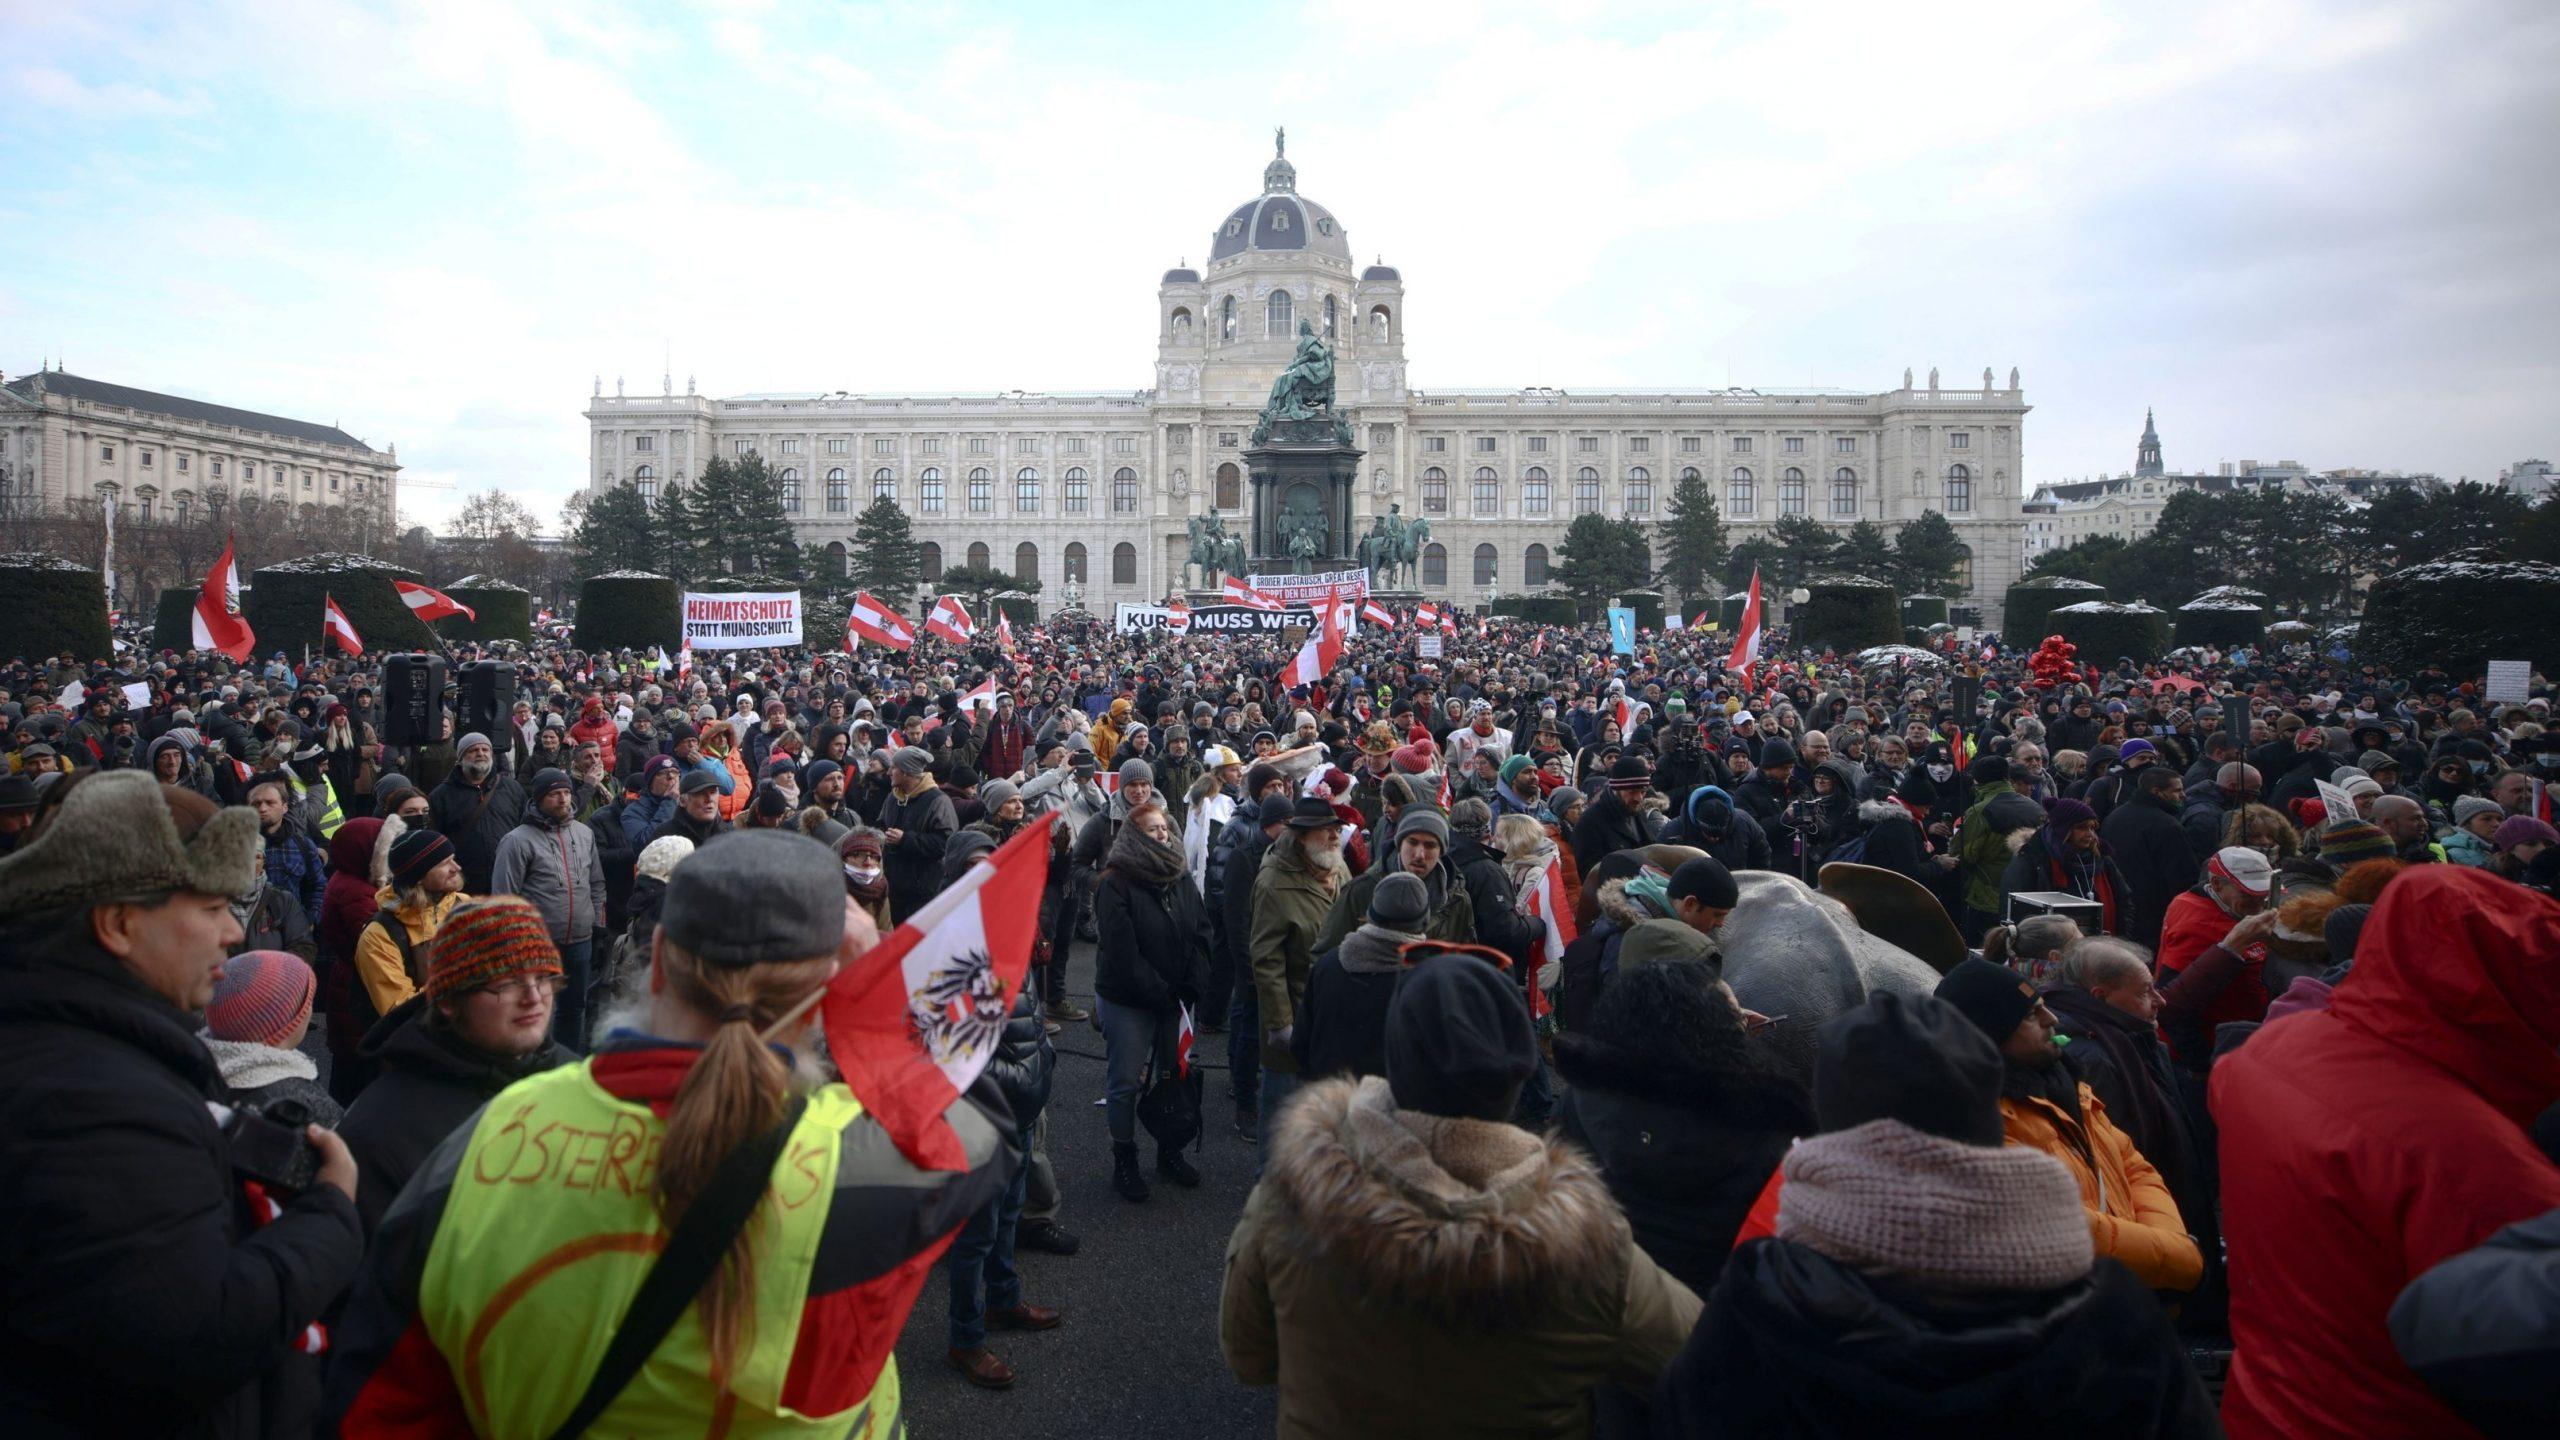 Mijëra protestues në Vjenë për kufizimet e COVID-19